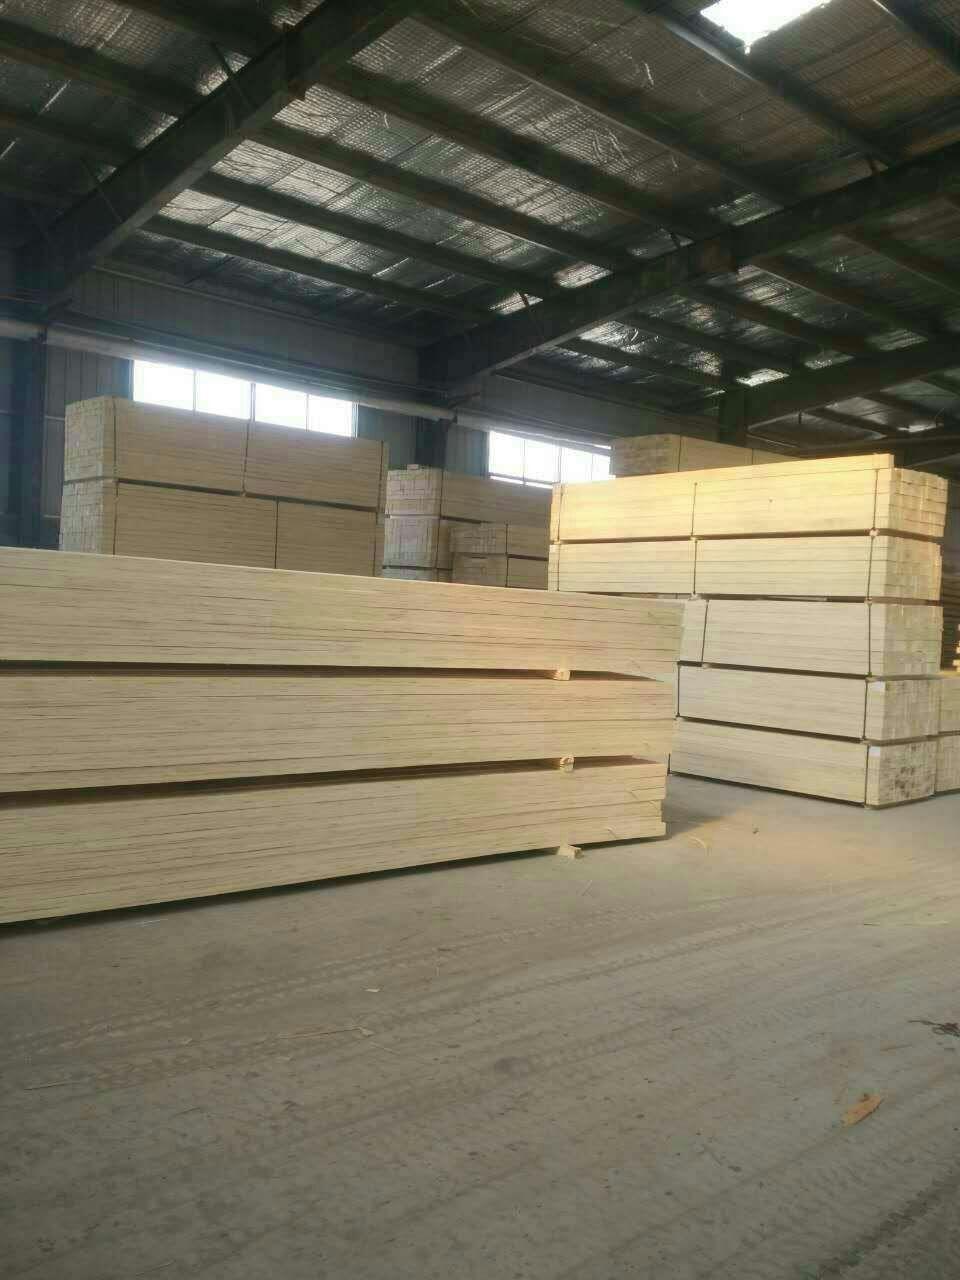 成都木箱包装,成都木箱,成都木箱包装公司,成都木箱厂家,木箱厂,成都卡板厂家-成都市东友木箱厂